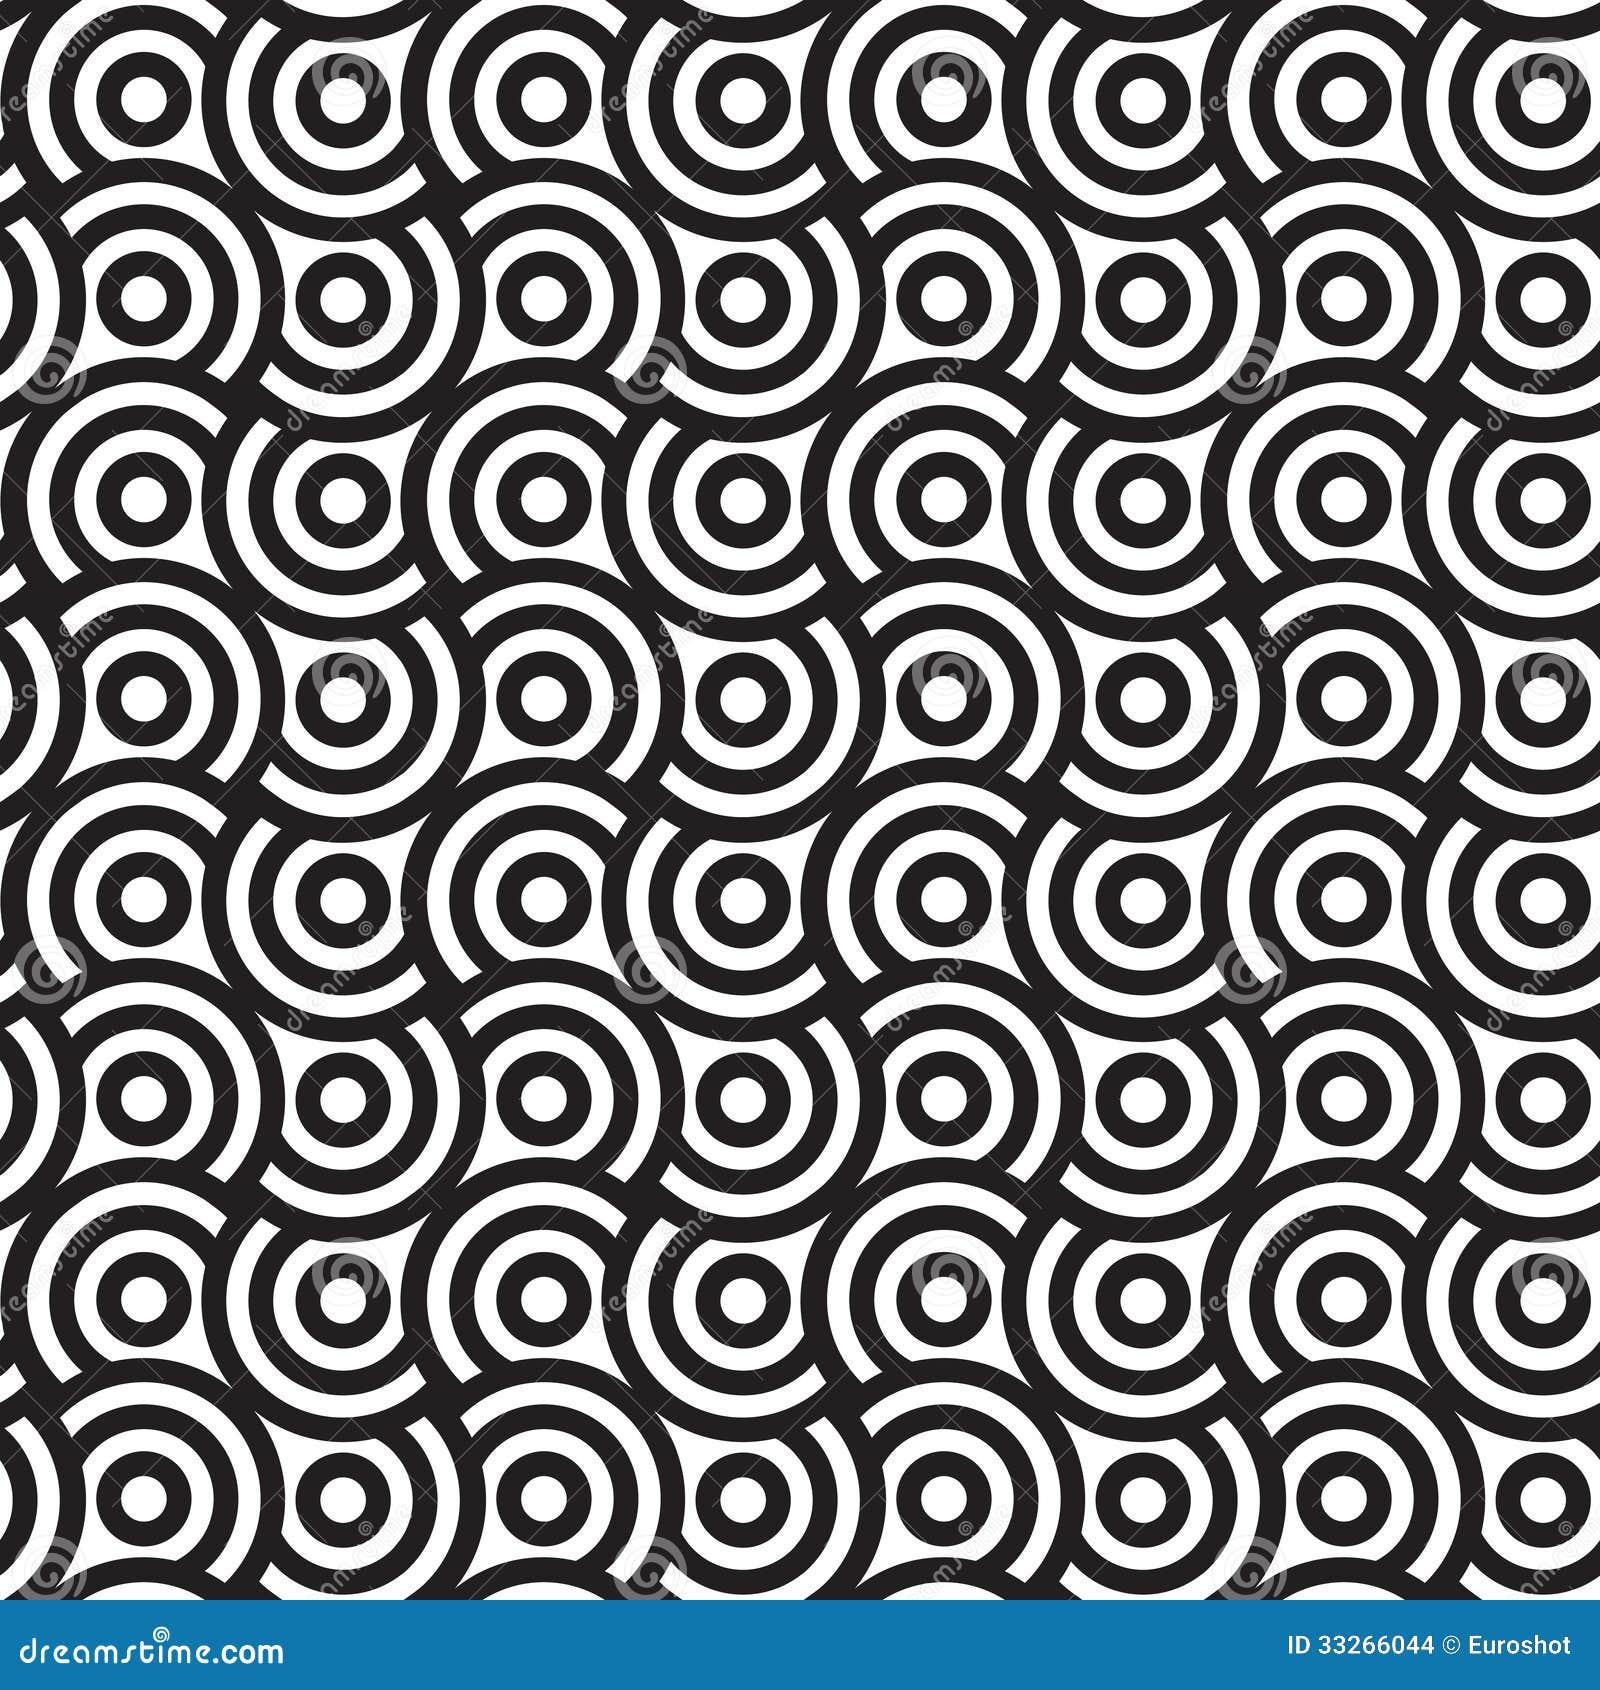 Images  Spirals an...